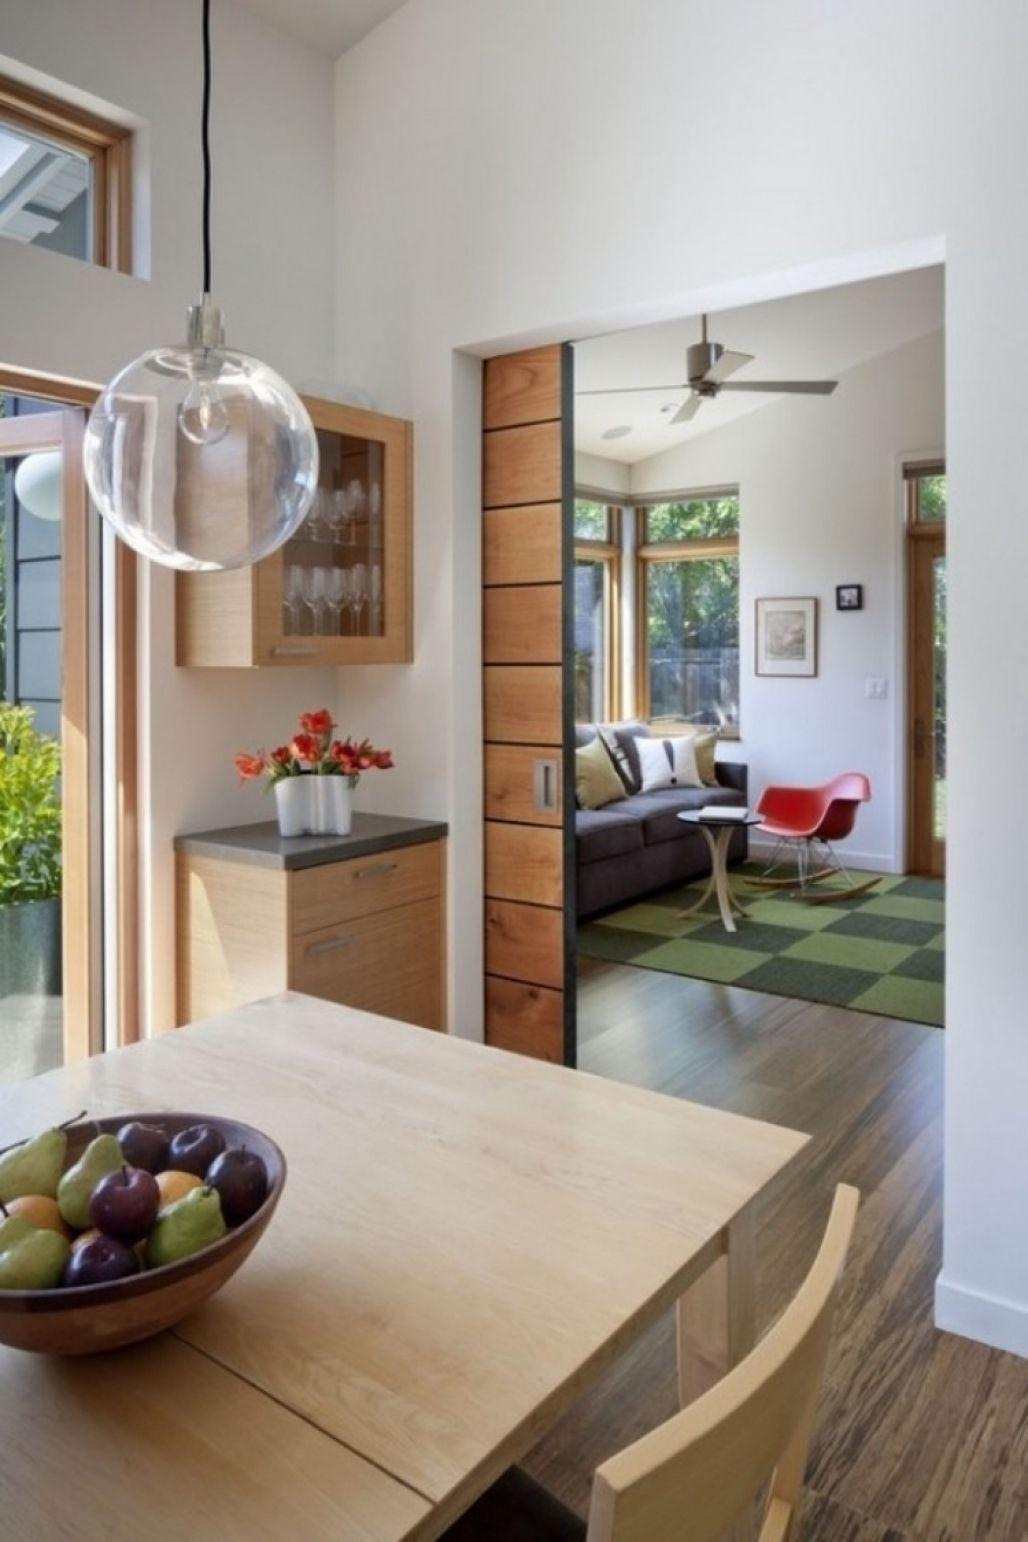 Kuche Wohnzimmer Schiebetur Ideen Fur Wohnzimmer Gestalten Doors